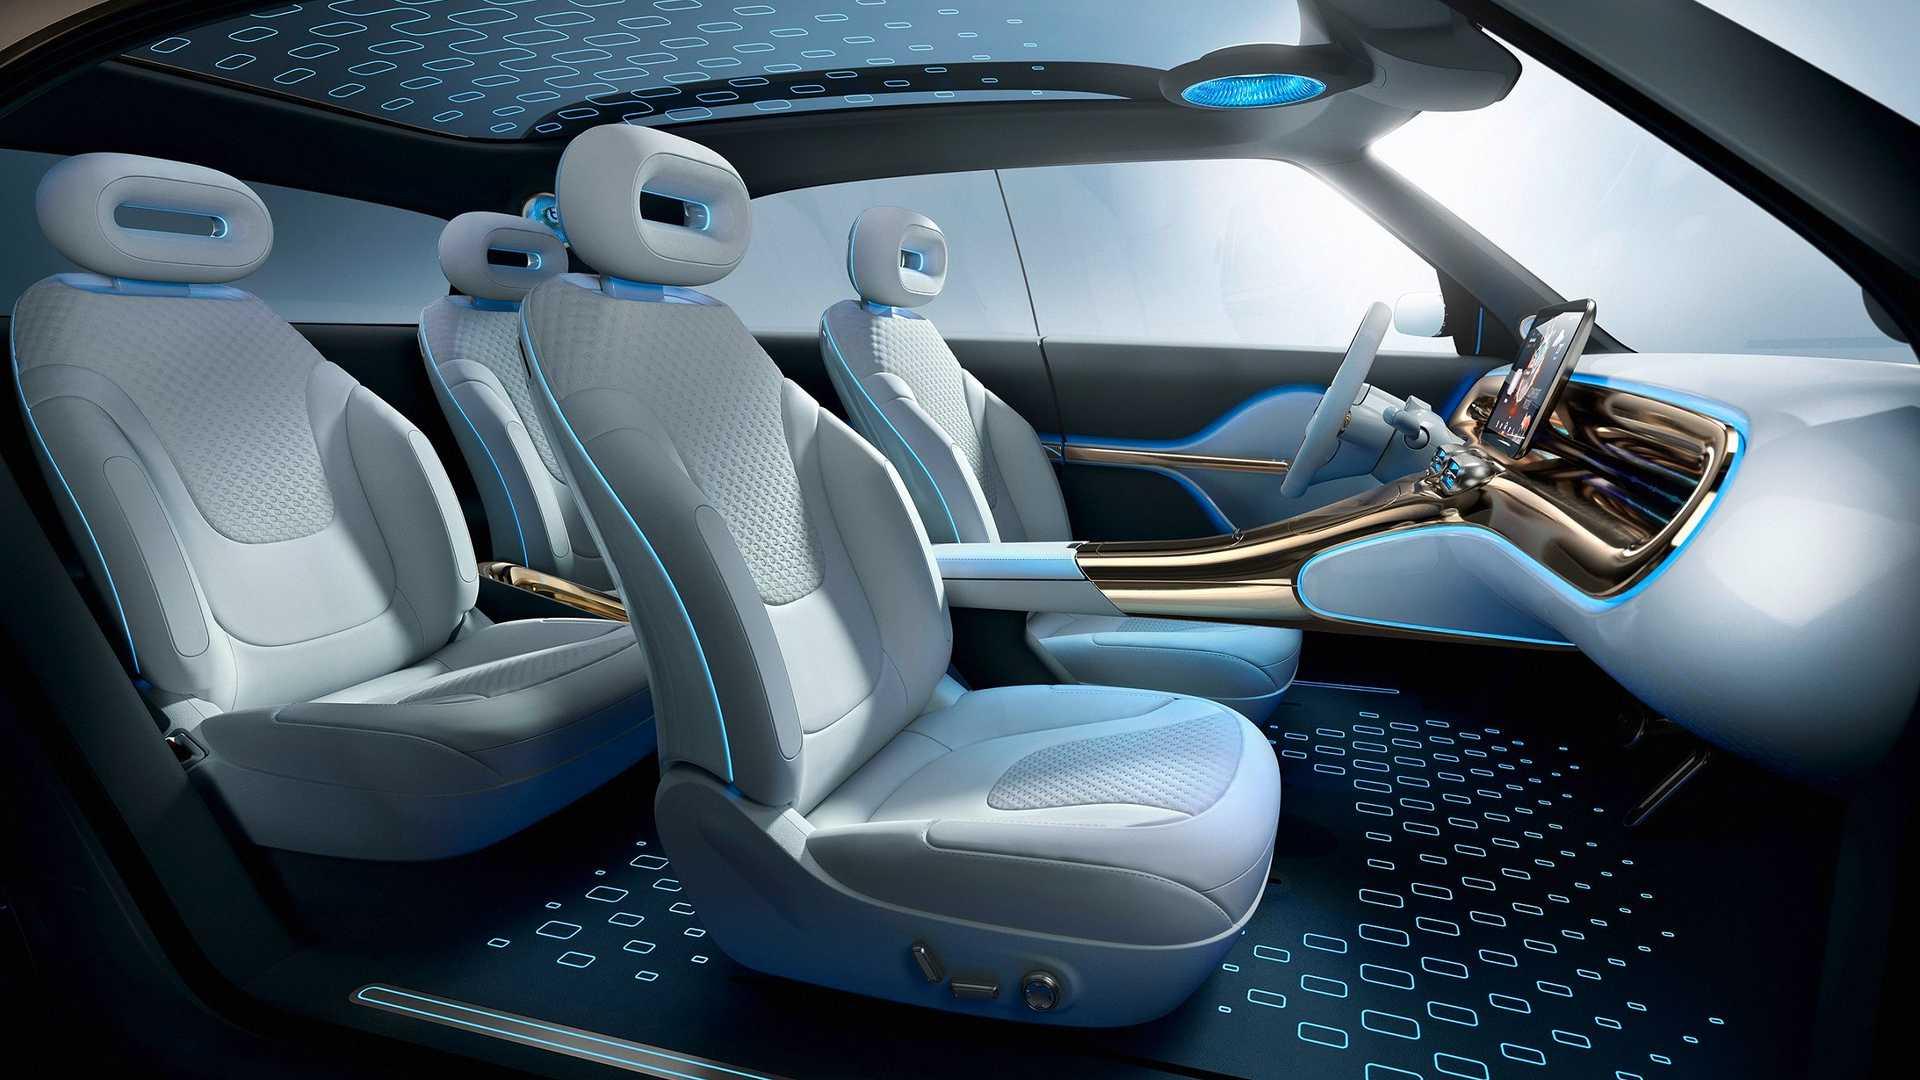 将于2022年国产上市,Smart精灵#1概念车发布